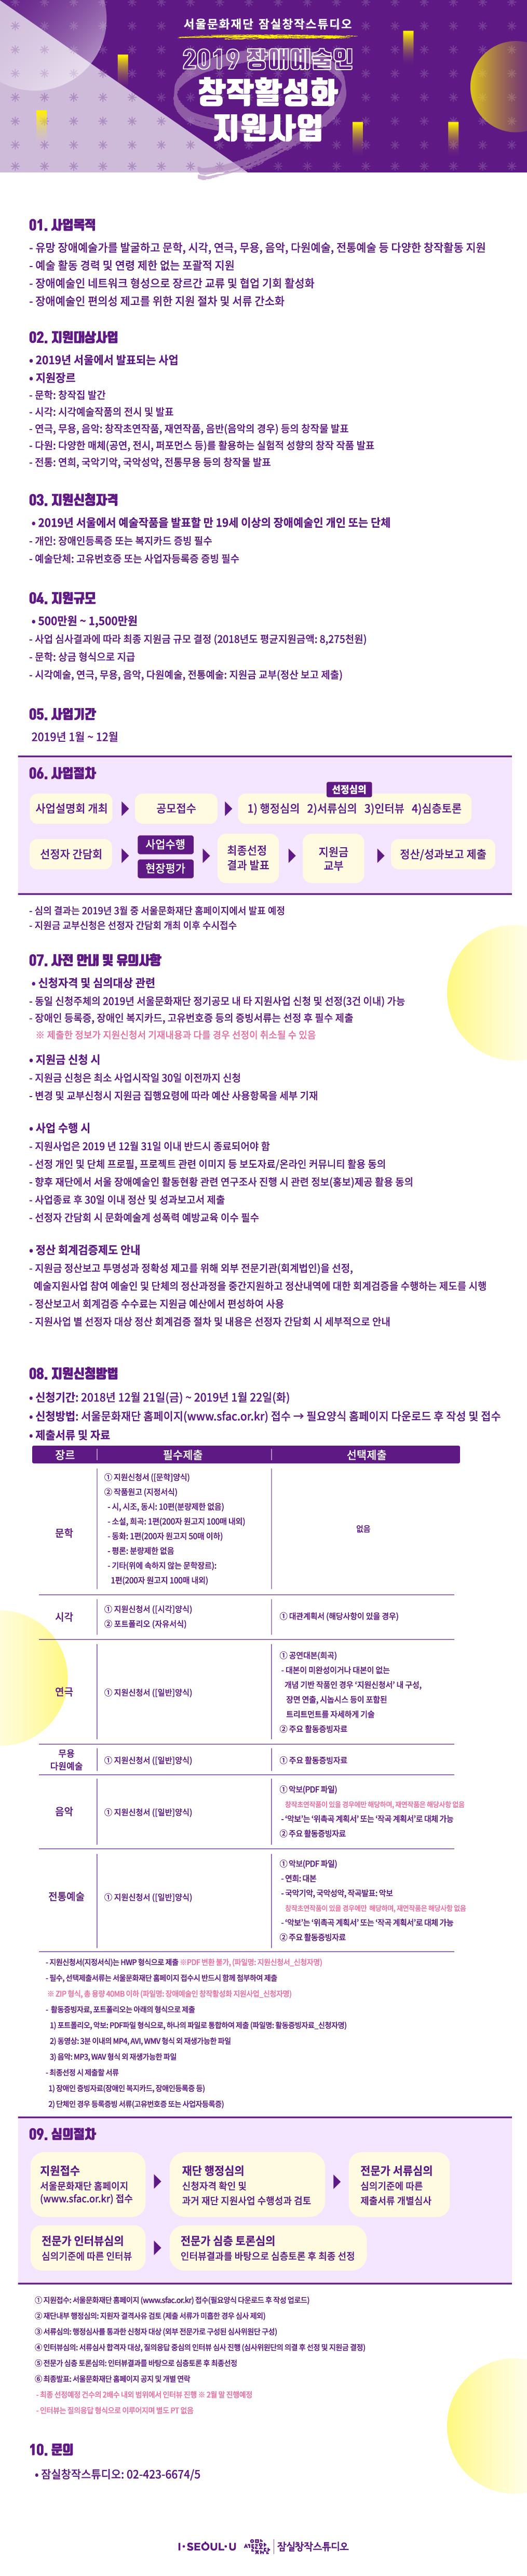 2018년 소외계층 대상 통합문화이용권사업 서울문화누리 제휴프로그램 모집